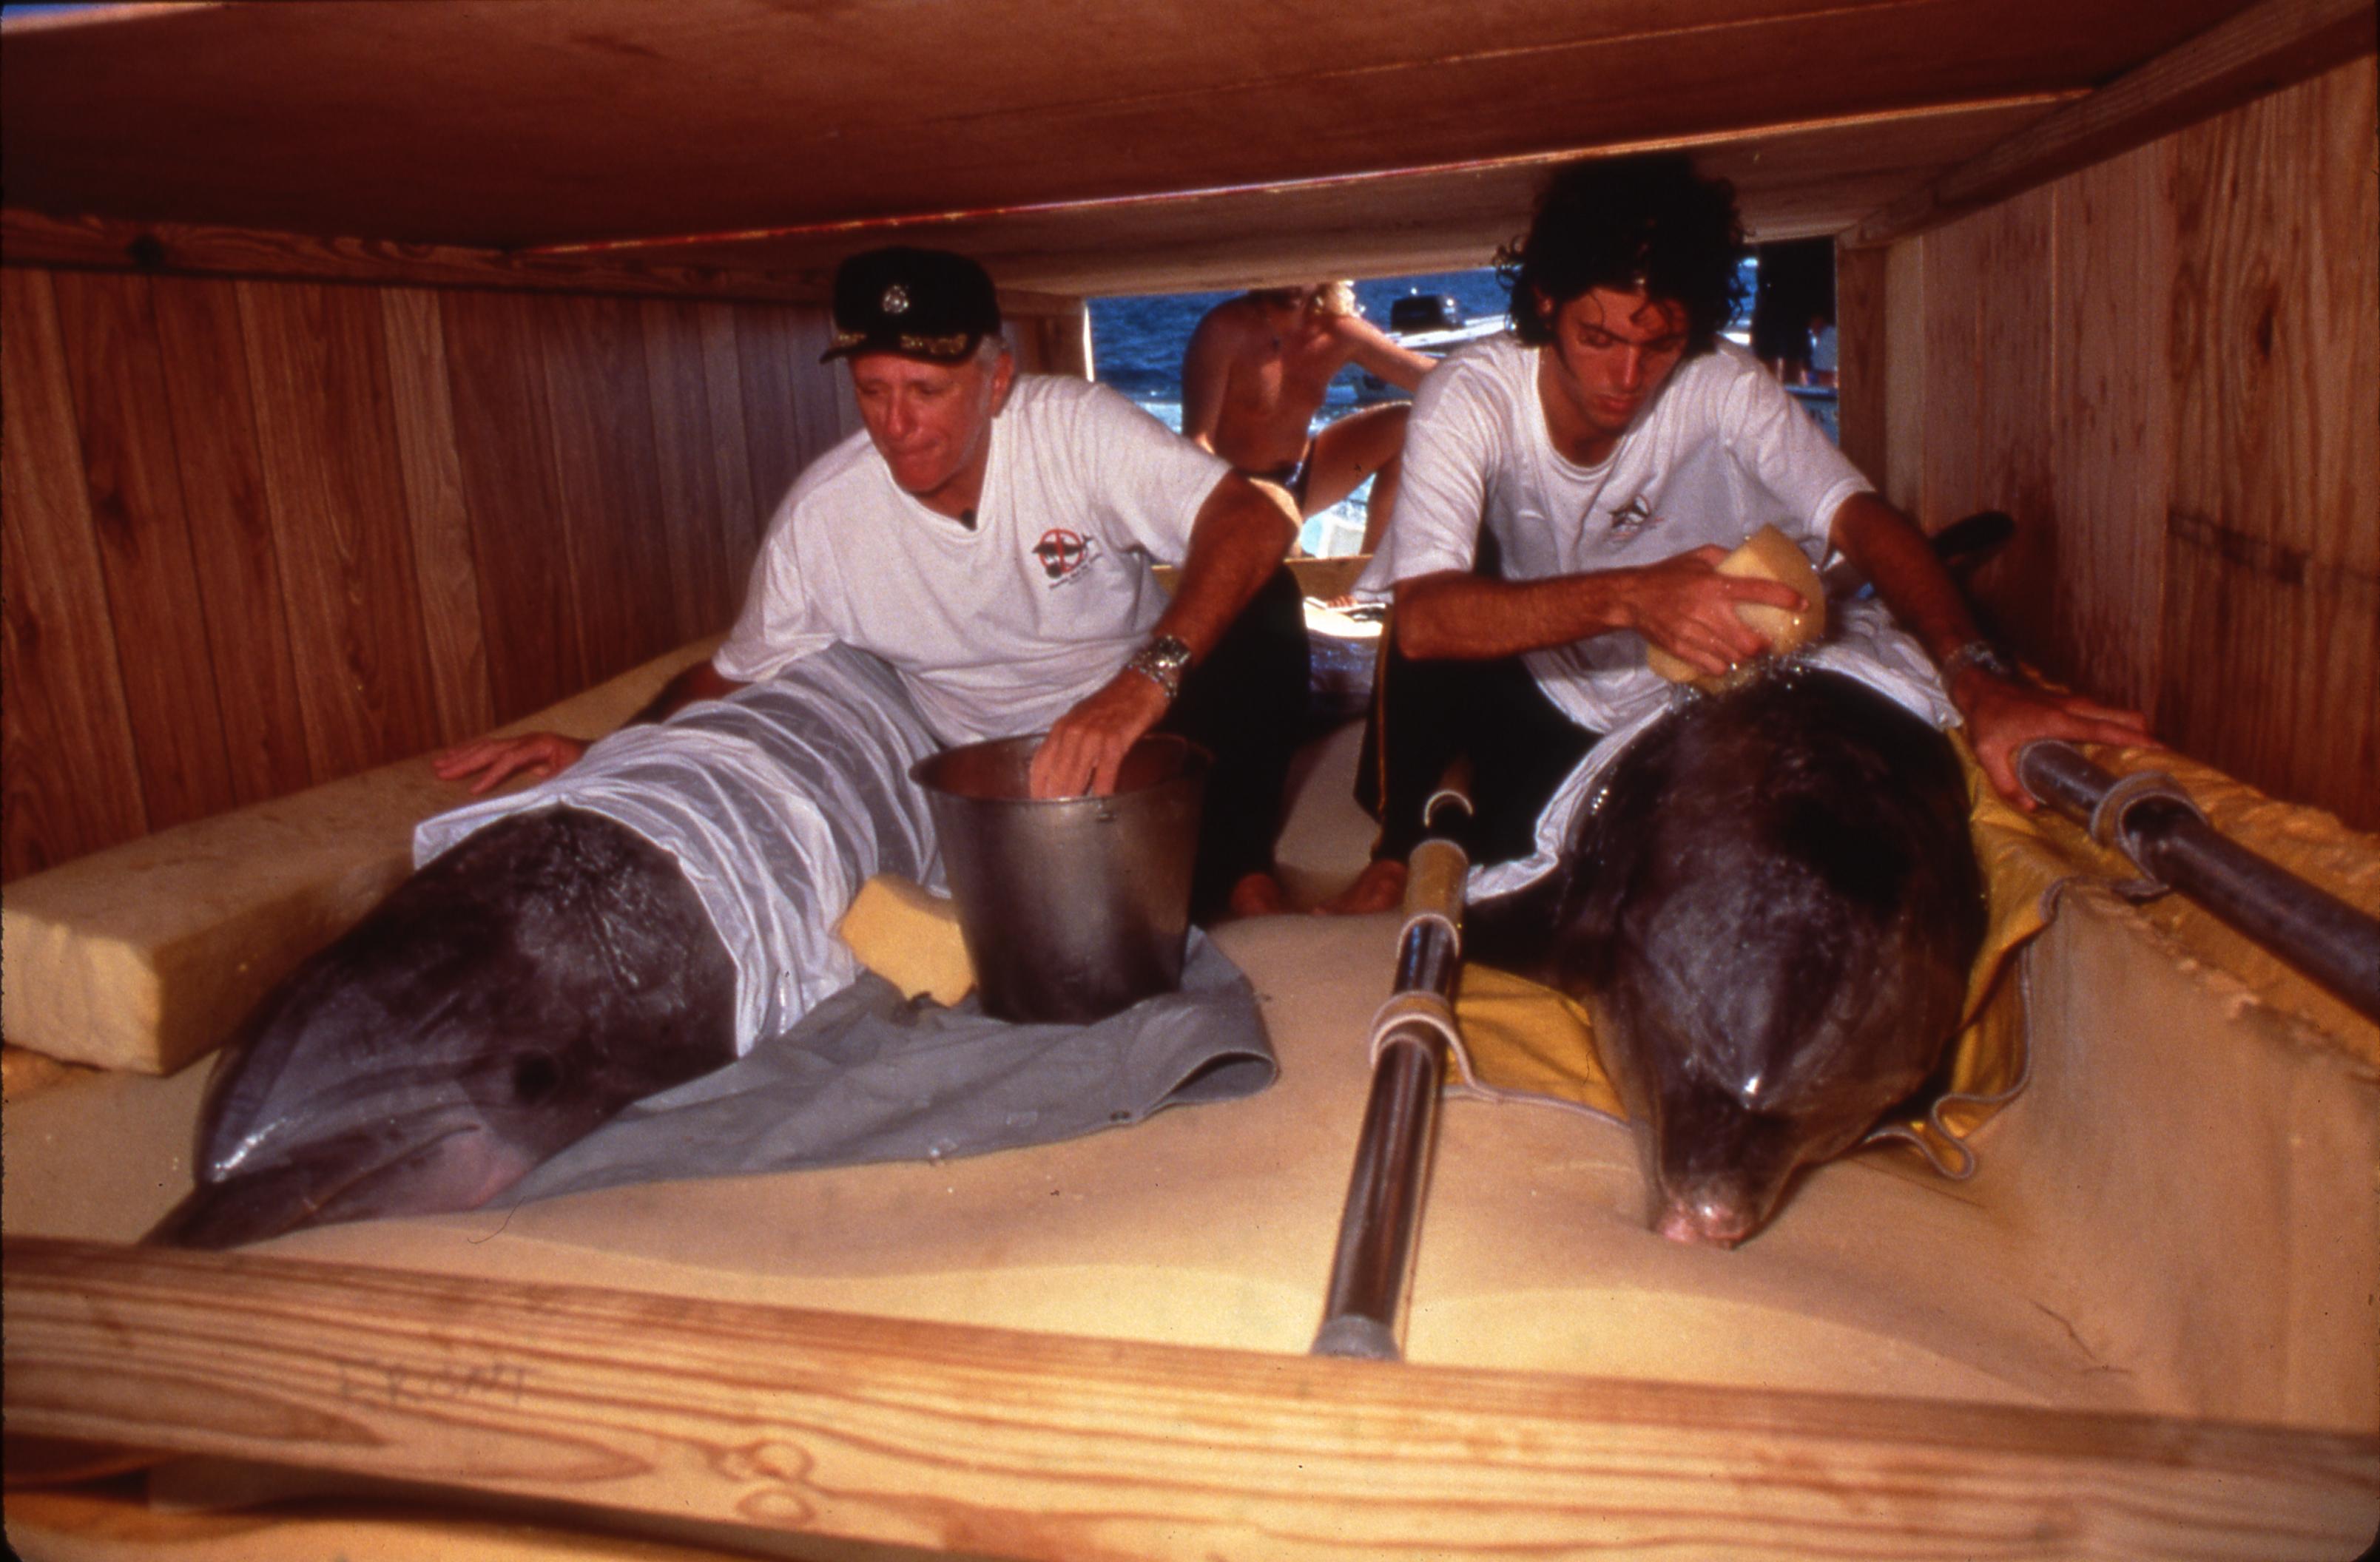 Ric O'Barry et son fils, Lincoln, réhabilitant deux dauphins captifs. Droits : Dolphinproject.net